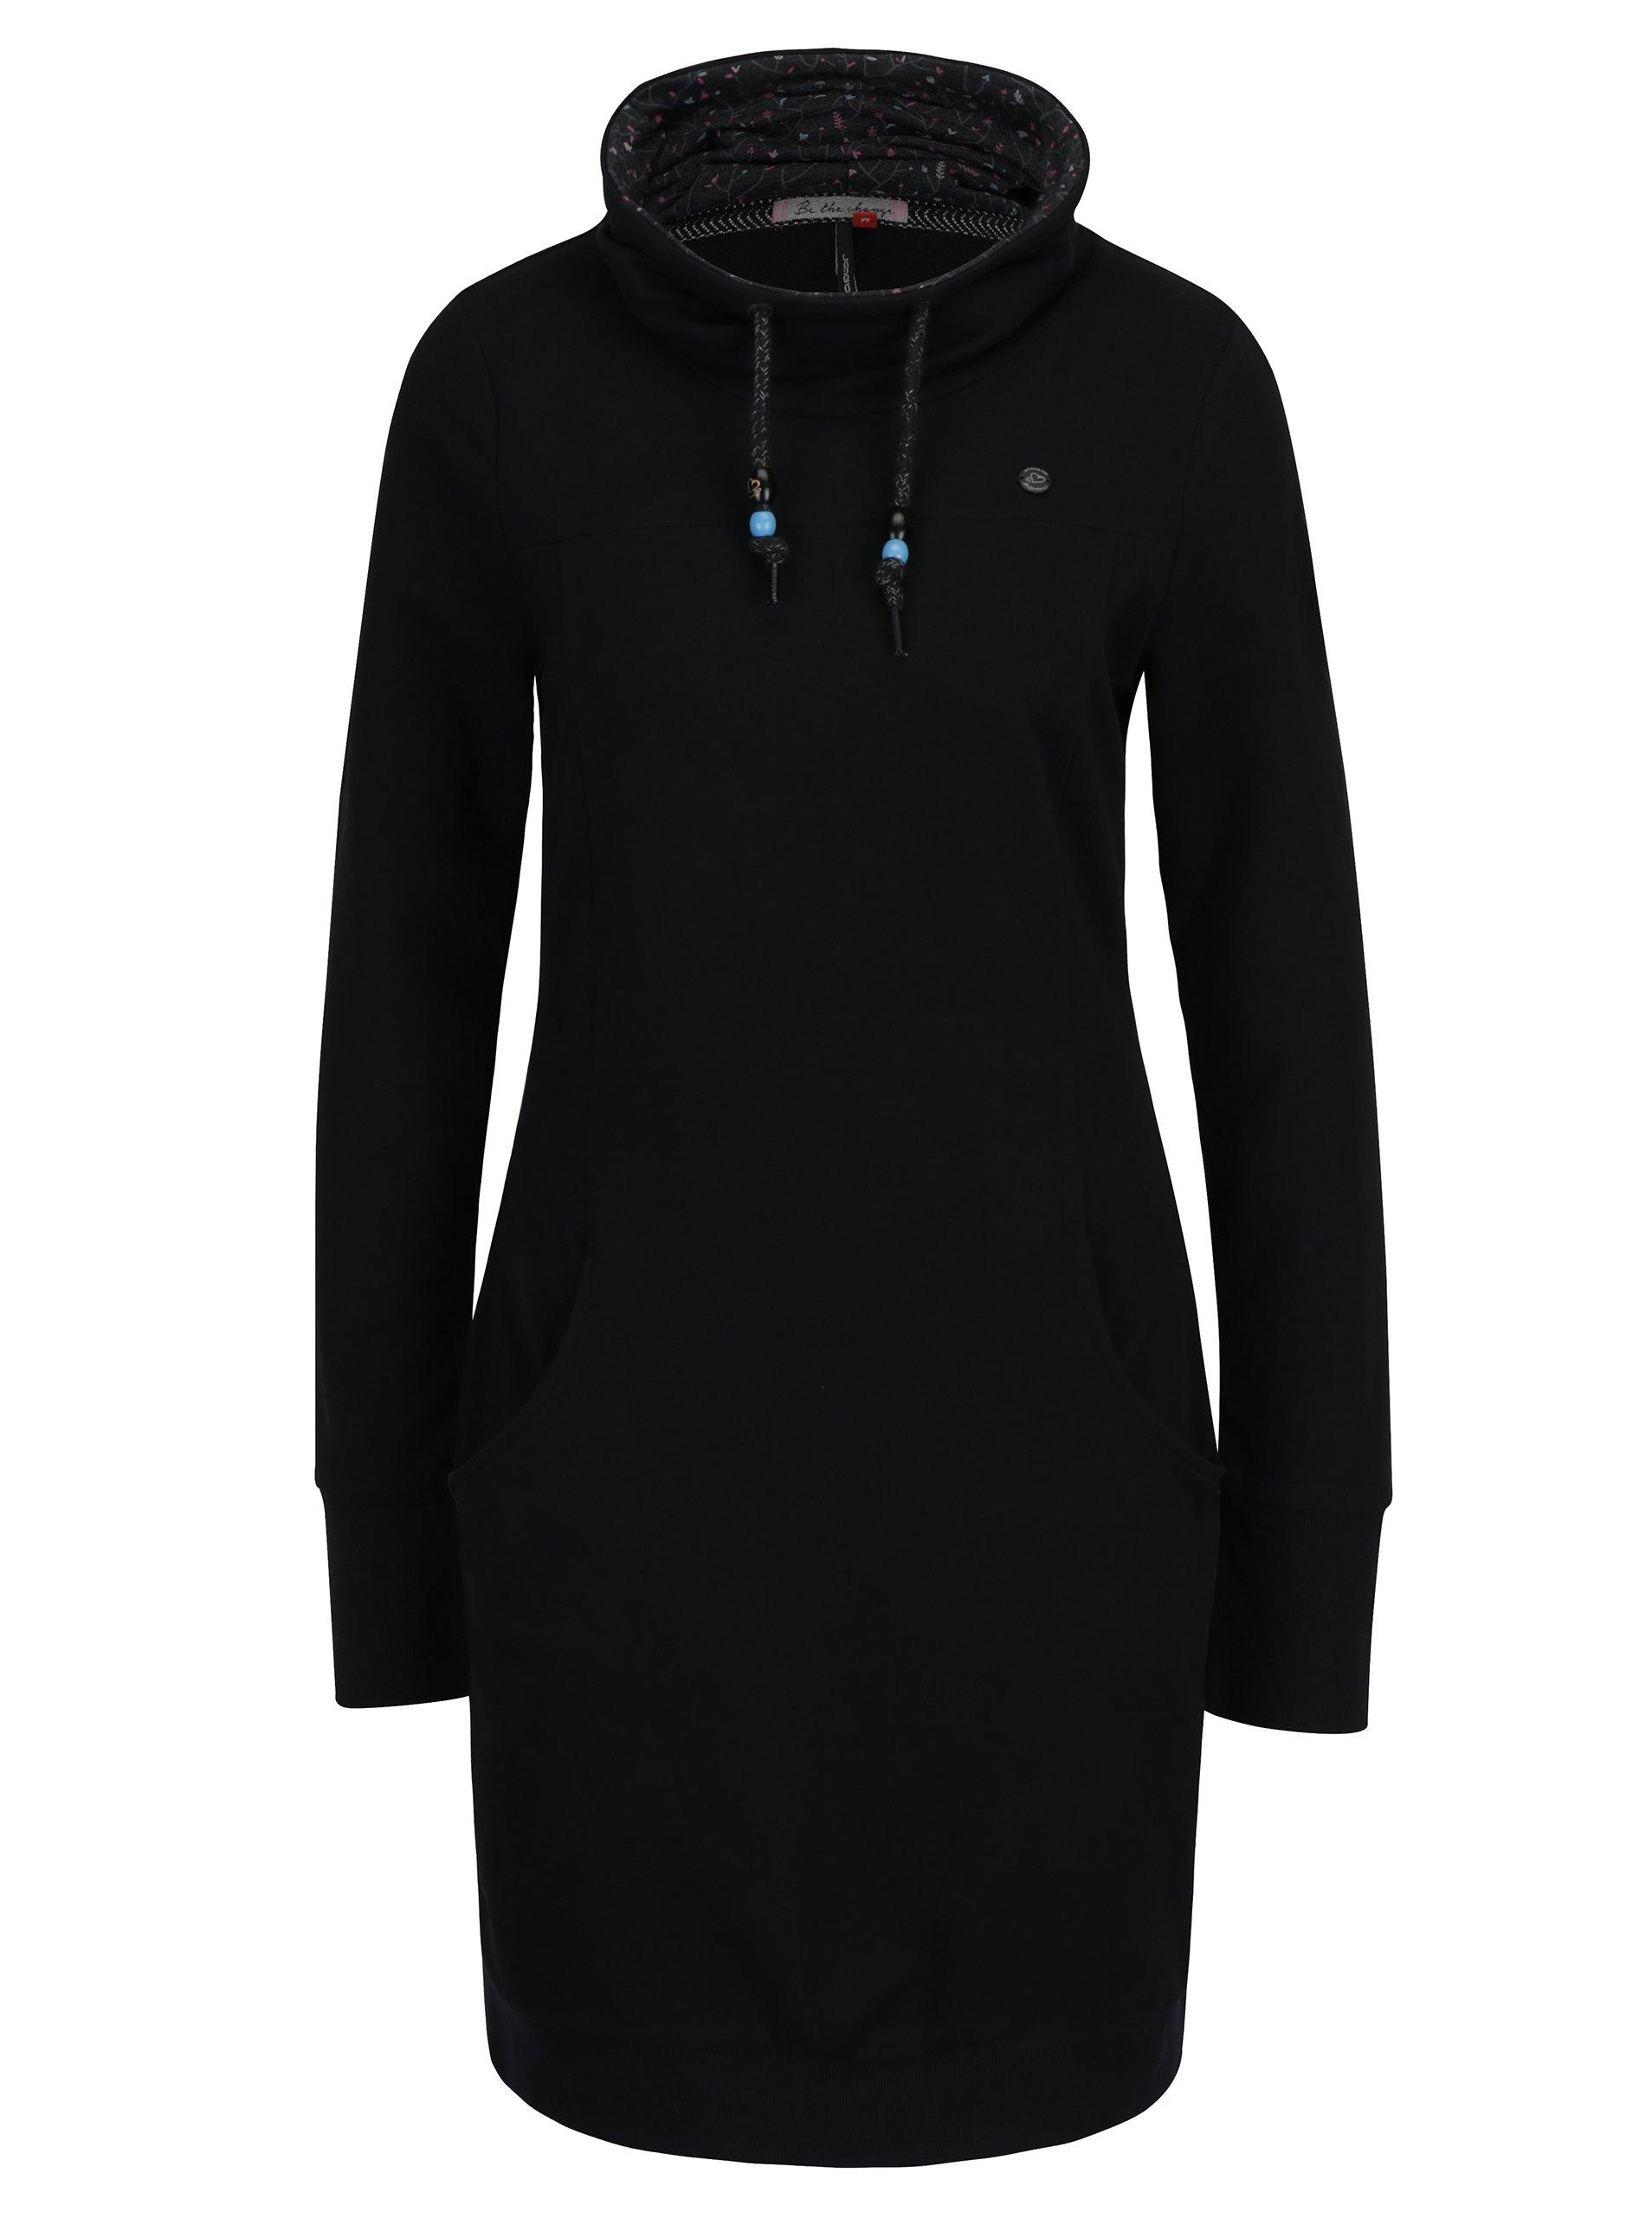 Černé mikinové šaty s vysokým límcem a kapsami Ragwear Dita